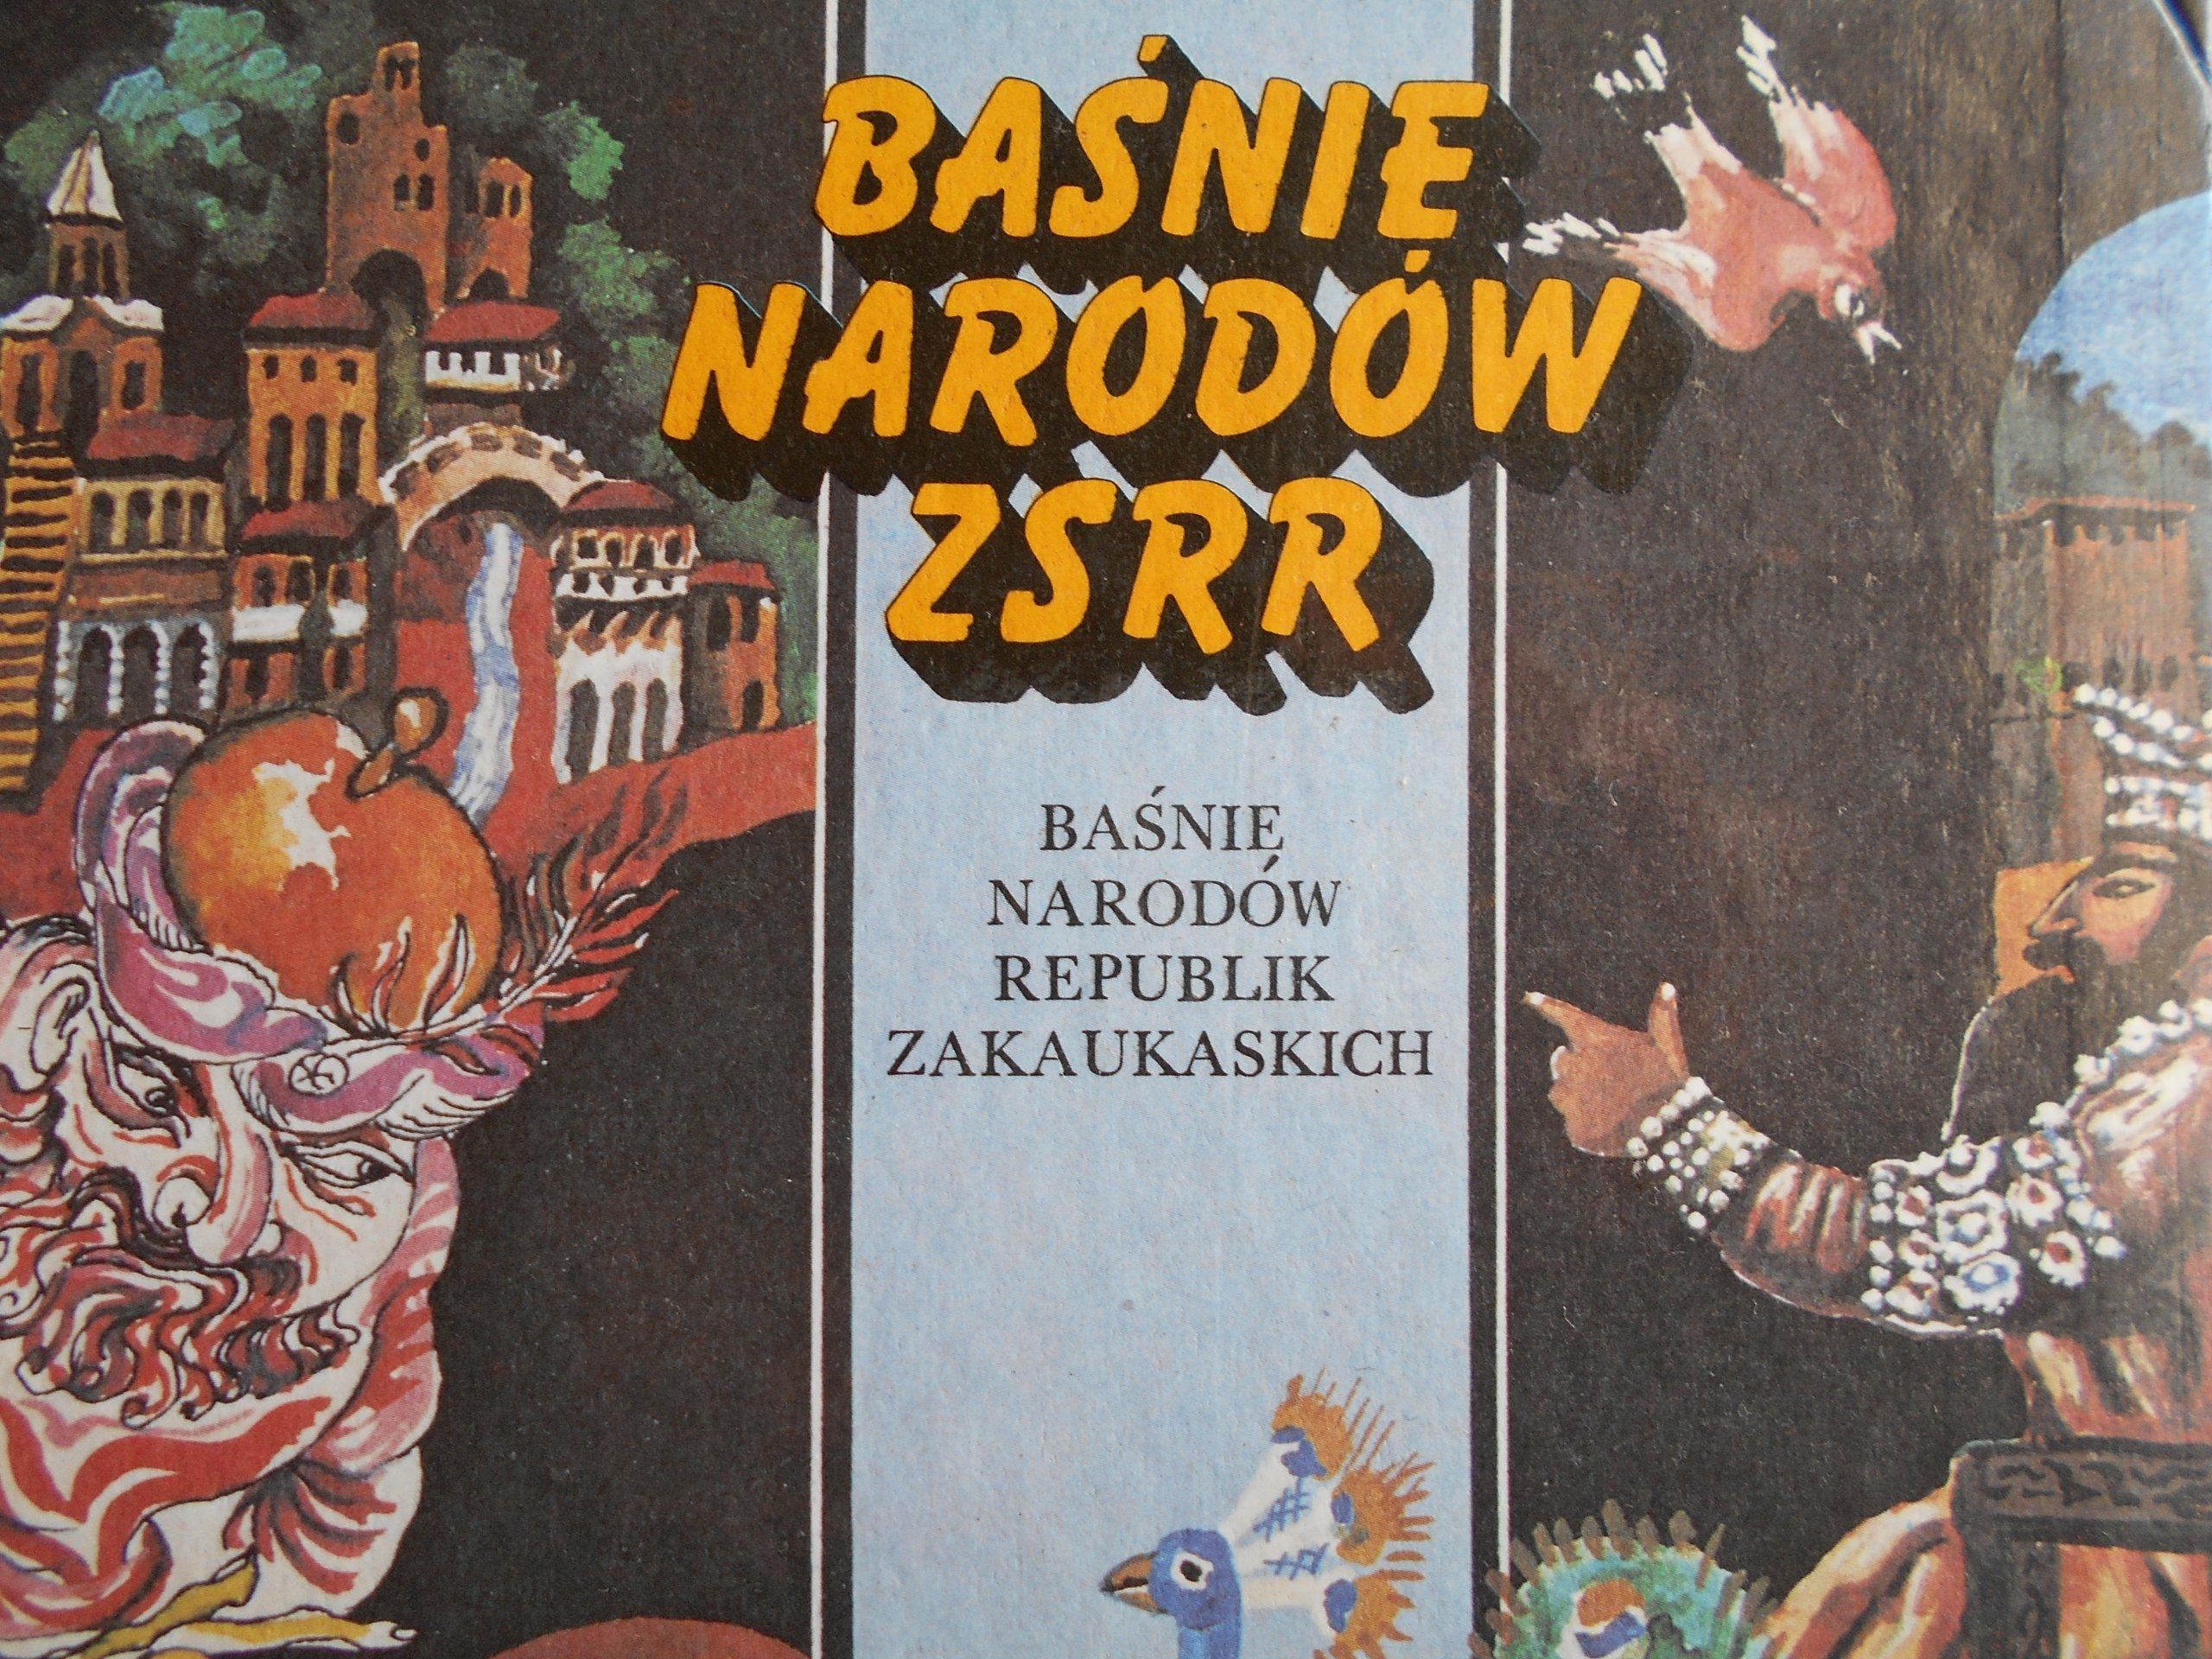 Znalezione obrazy dla zapytania baśnie narodów zsrr republik zakaukaskich